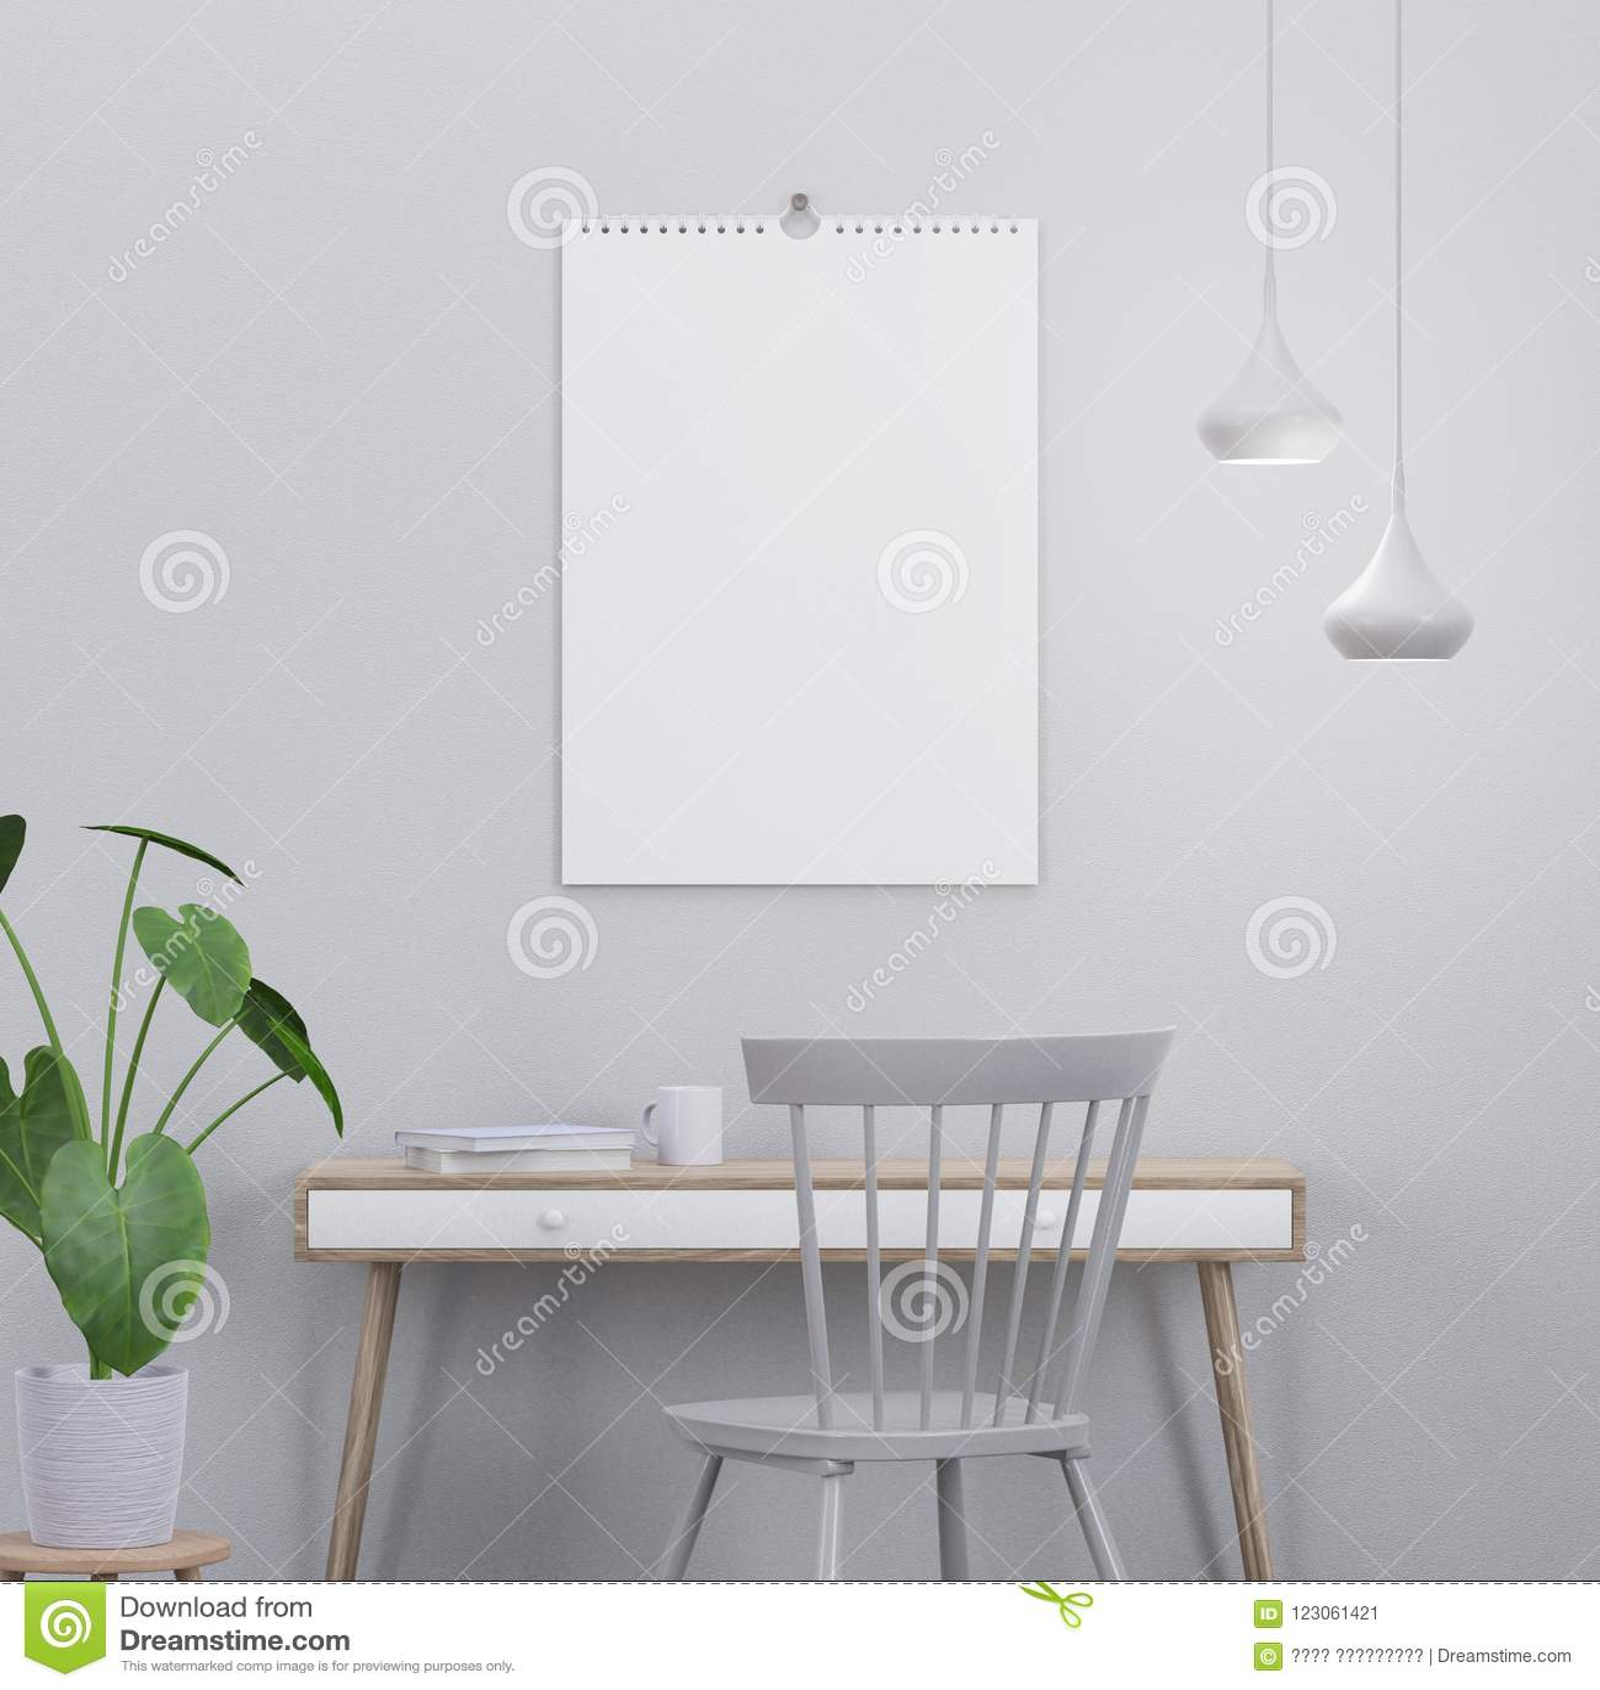 Kalendermodell im modernen Innenraum mit einer Konsole und einem Stuhl, 3D übertragen